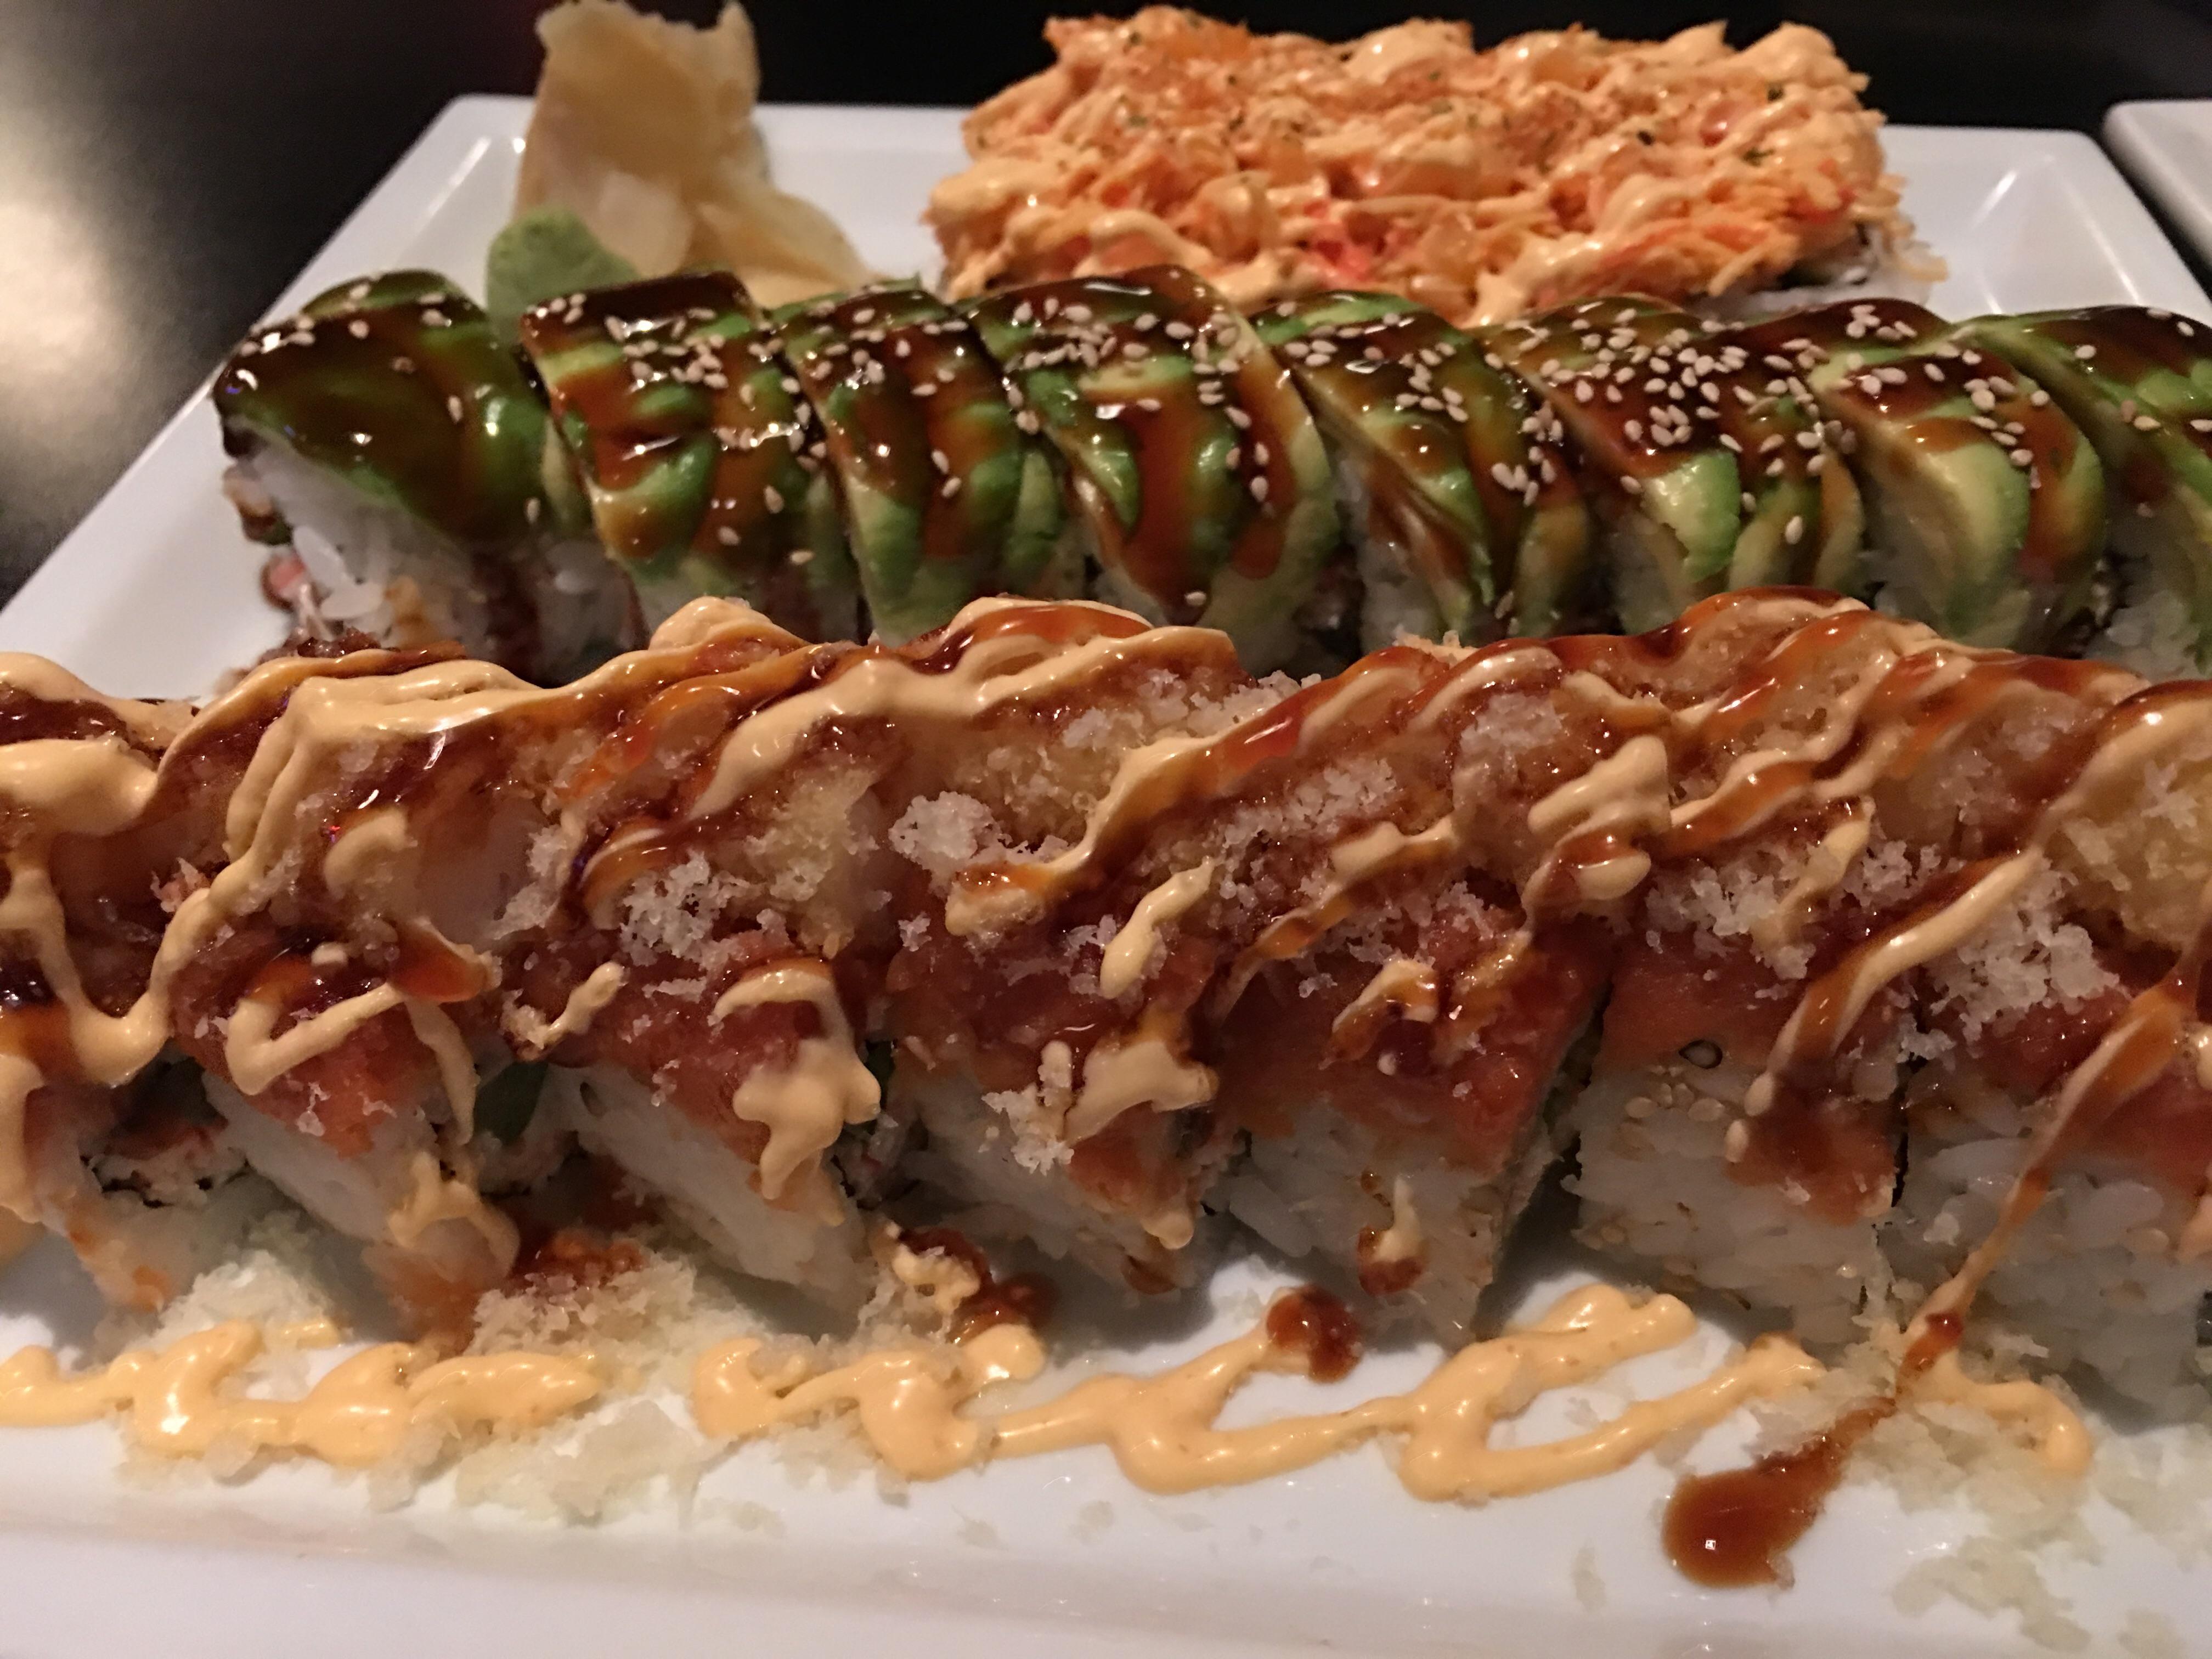 メリケン巻き寿司